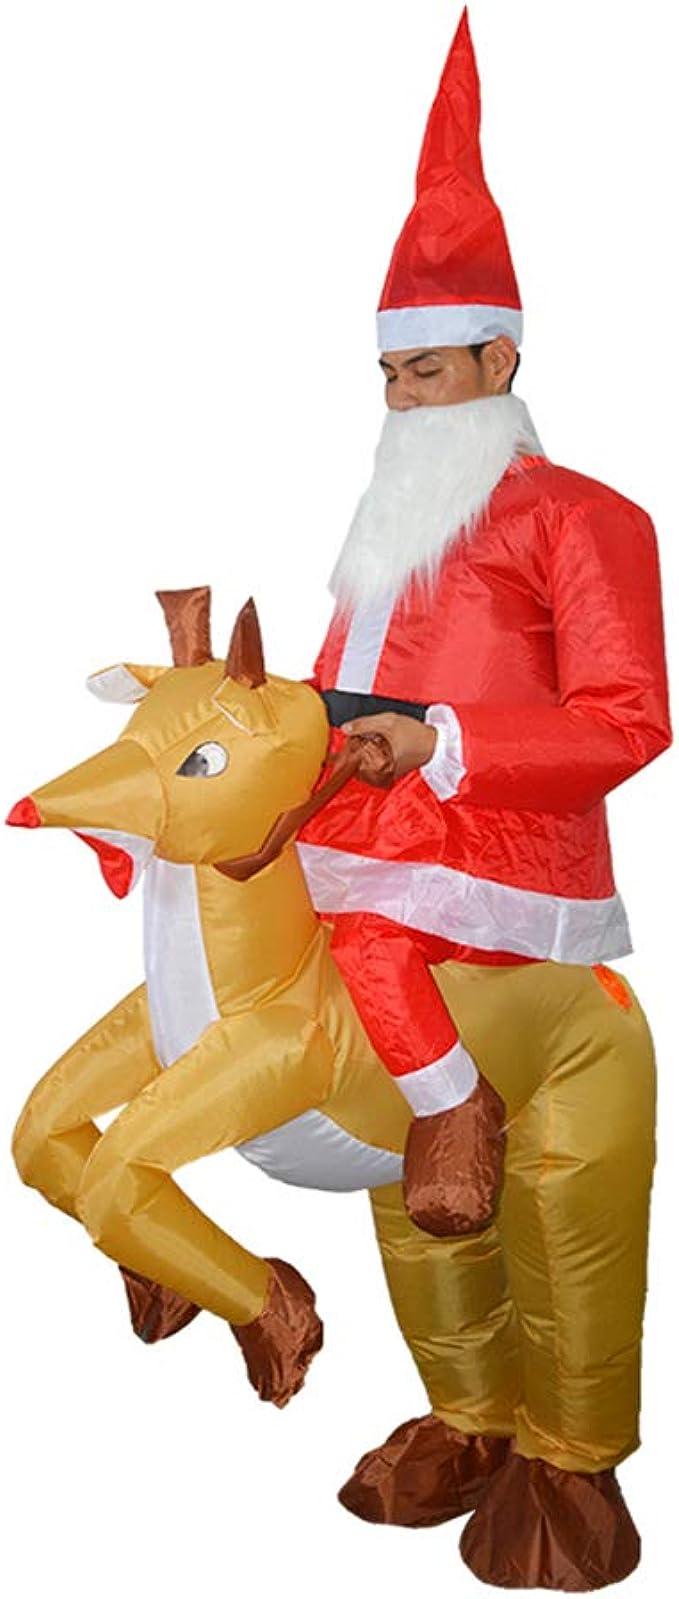 Amazon.com: Disfraz hinchable de Santa Claus Ride con diseño ...